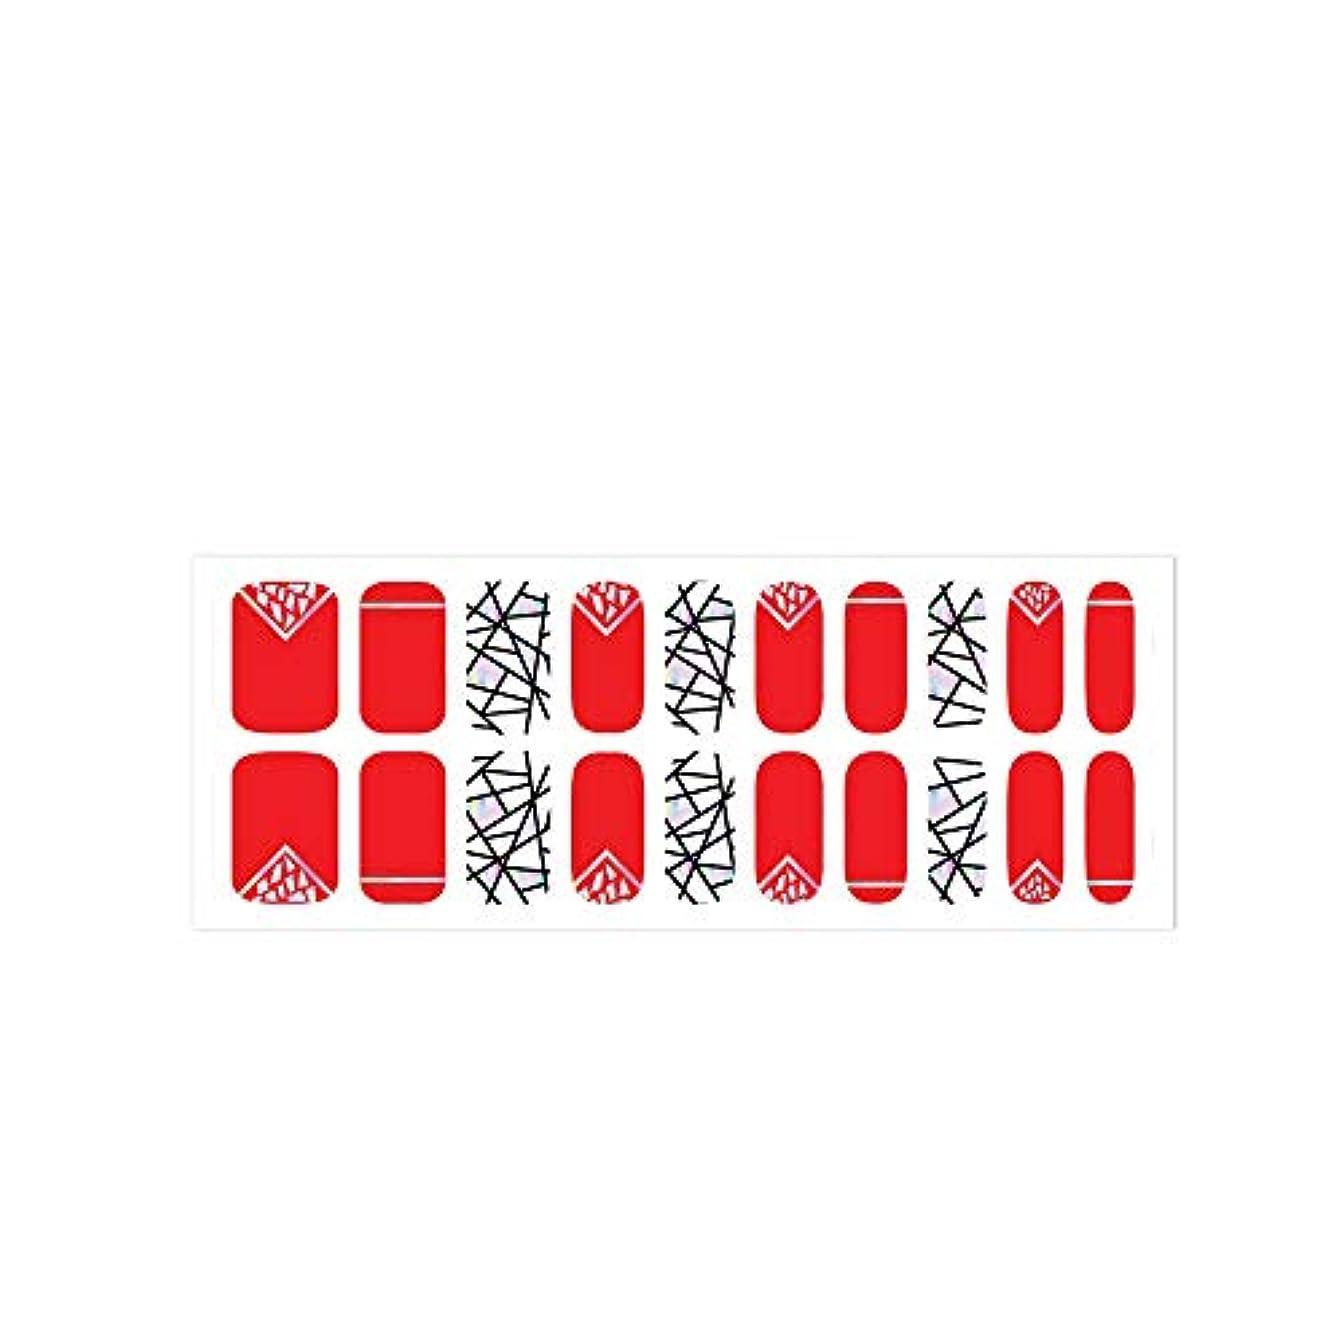 ファイルきれいにアプライアンス爪に貼るだけで華やかになるネイルシート! 簡単セルフネイル ジェルネイル 20pcs ネイルシール ジェルネイルシール デコネイルシール VAVACOCO ペディキュア ハーフ かわいい 韓国 シンプル フルカバー ネイルパーツ...